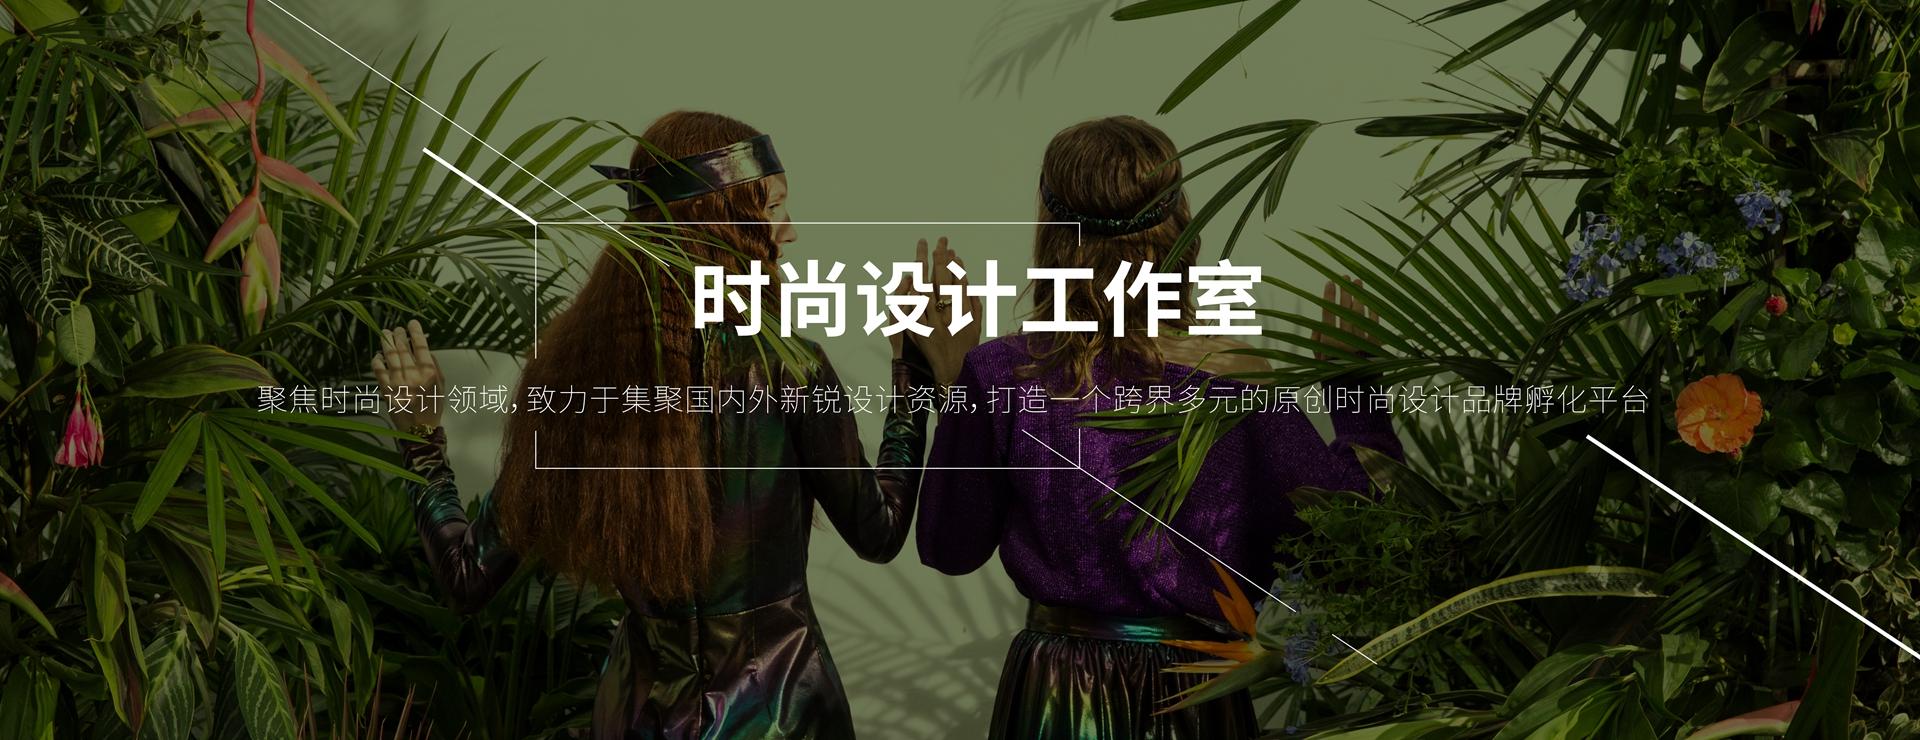 创意设计-banner